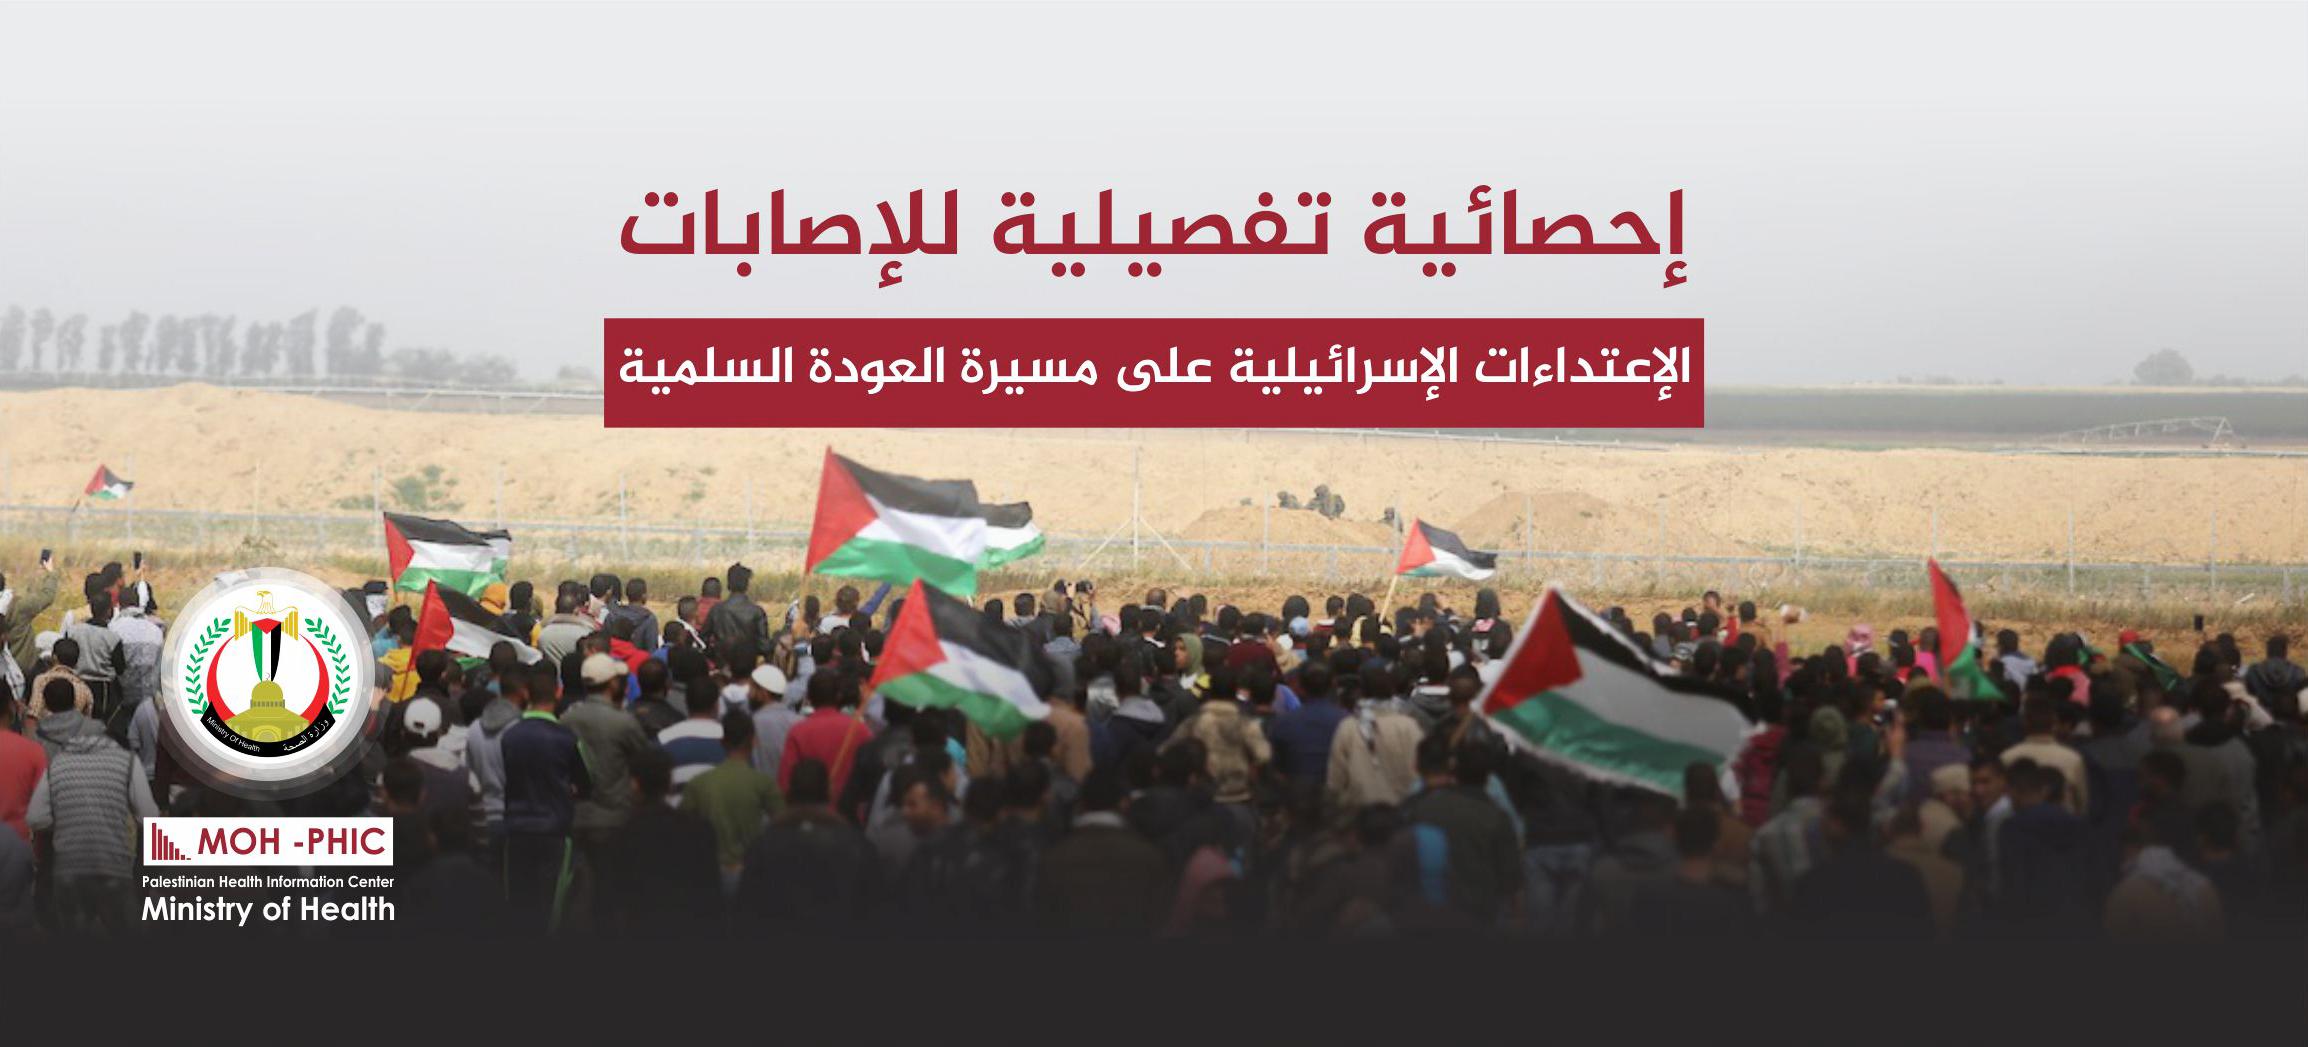 تقرير الإعتداءات الإسرائيلية على مسيرة العودة السلمية حتى تاريخ 06-09-2019